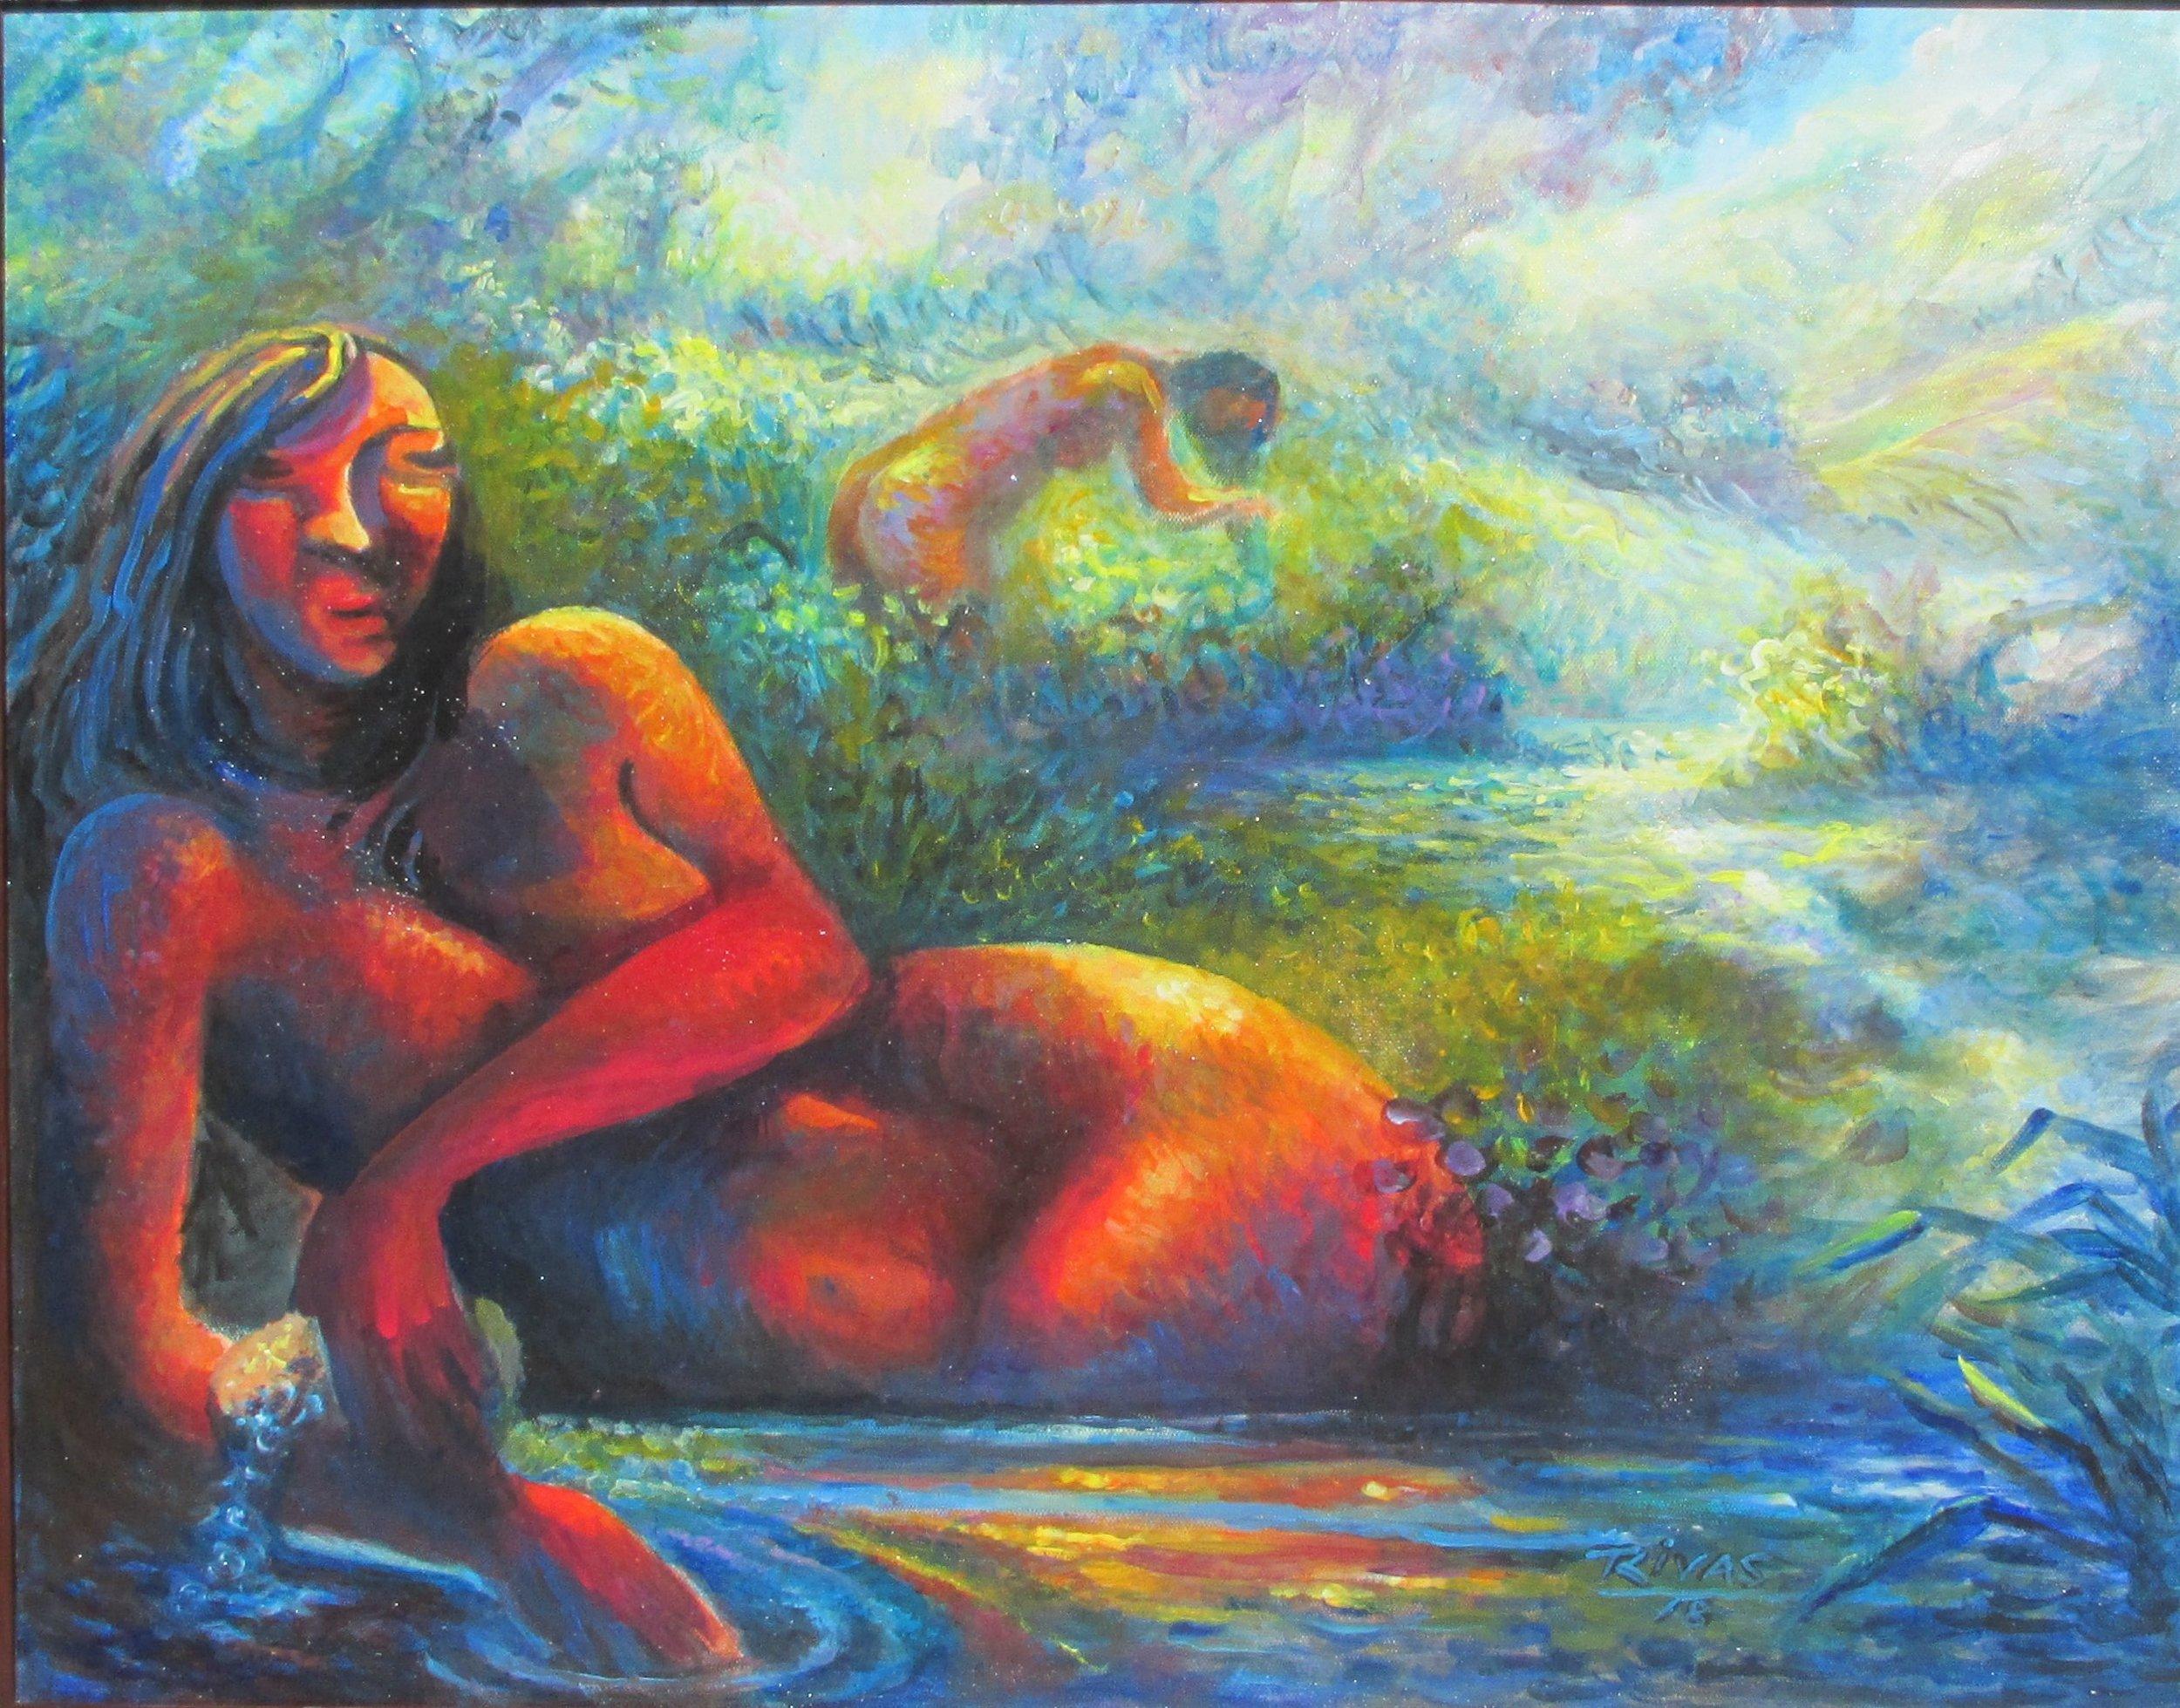 Rigo Rivas Dos Mujeres en el rio 22 x 28- Latino Art Museum